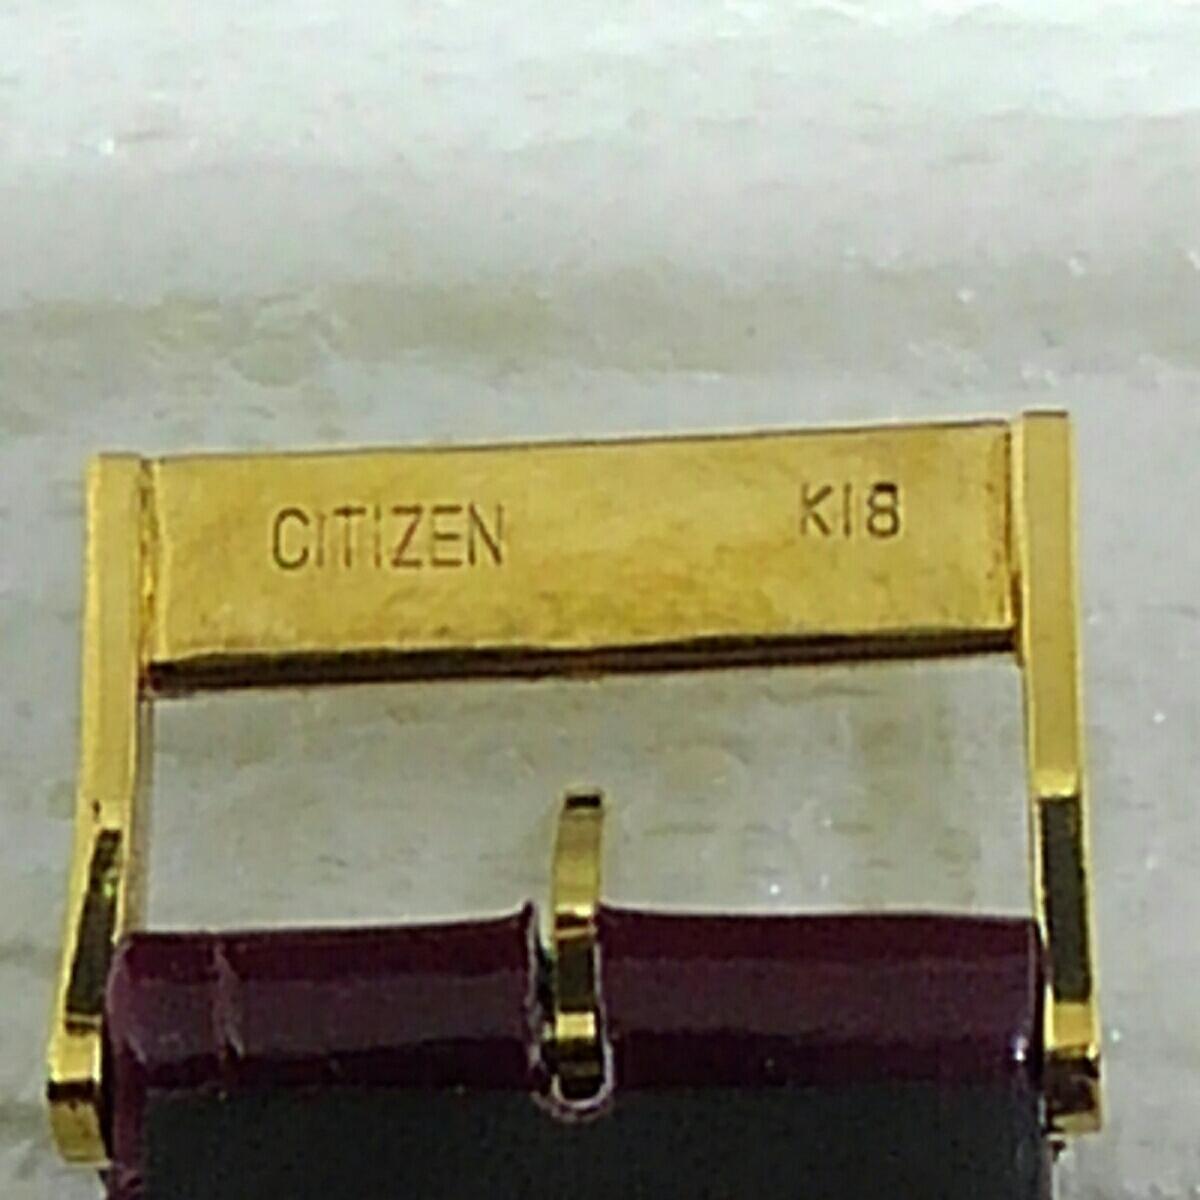 CITIZEN シチズン エクシード K18 750 K18尾錠付 メンズ クオーツ  _画像5